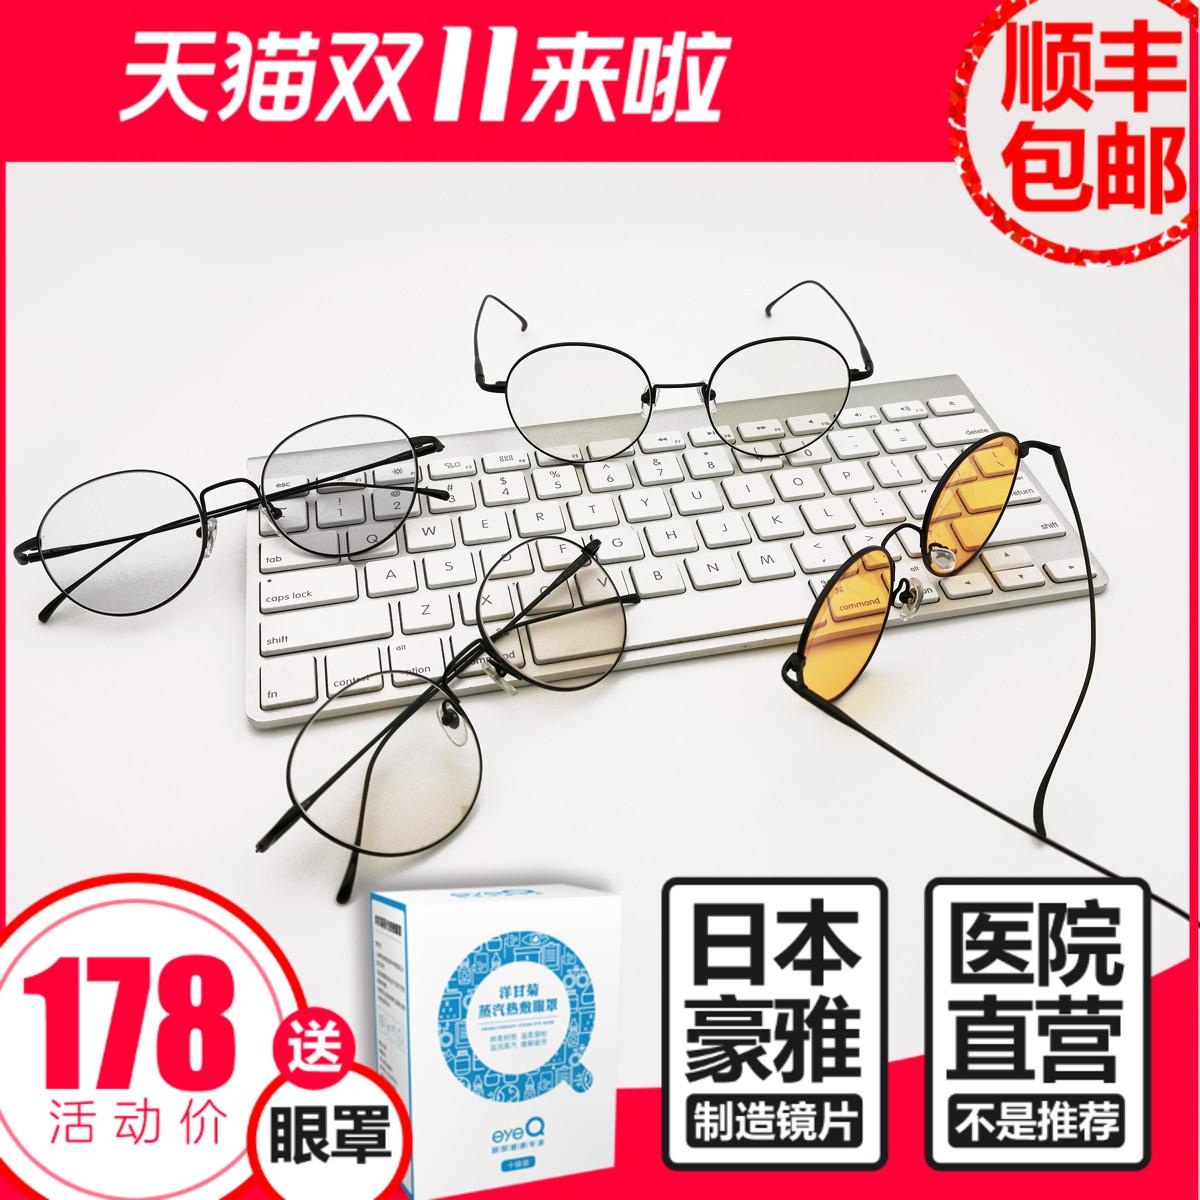 优目新款防辐射眼镜男女护目复古小清新 纯钛手机防蓝光超轻圆框